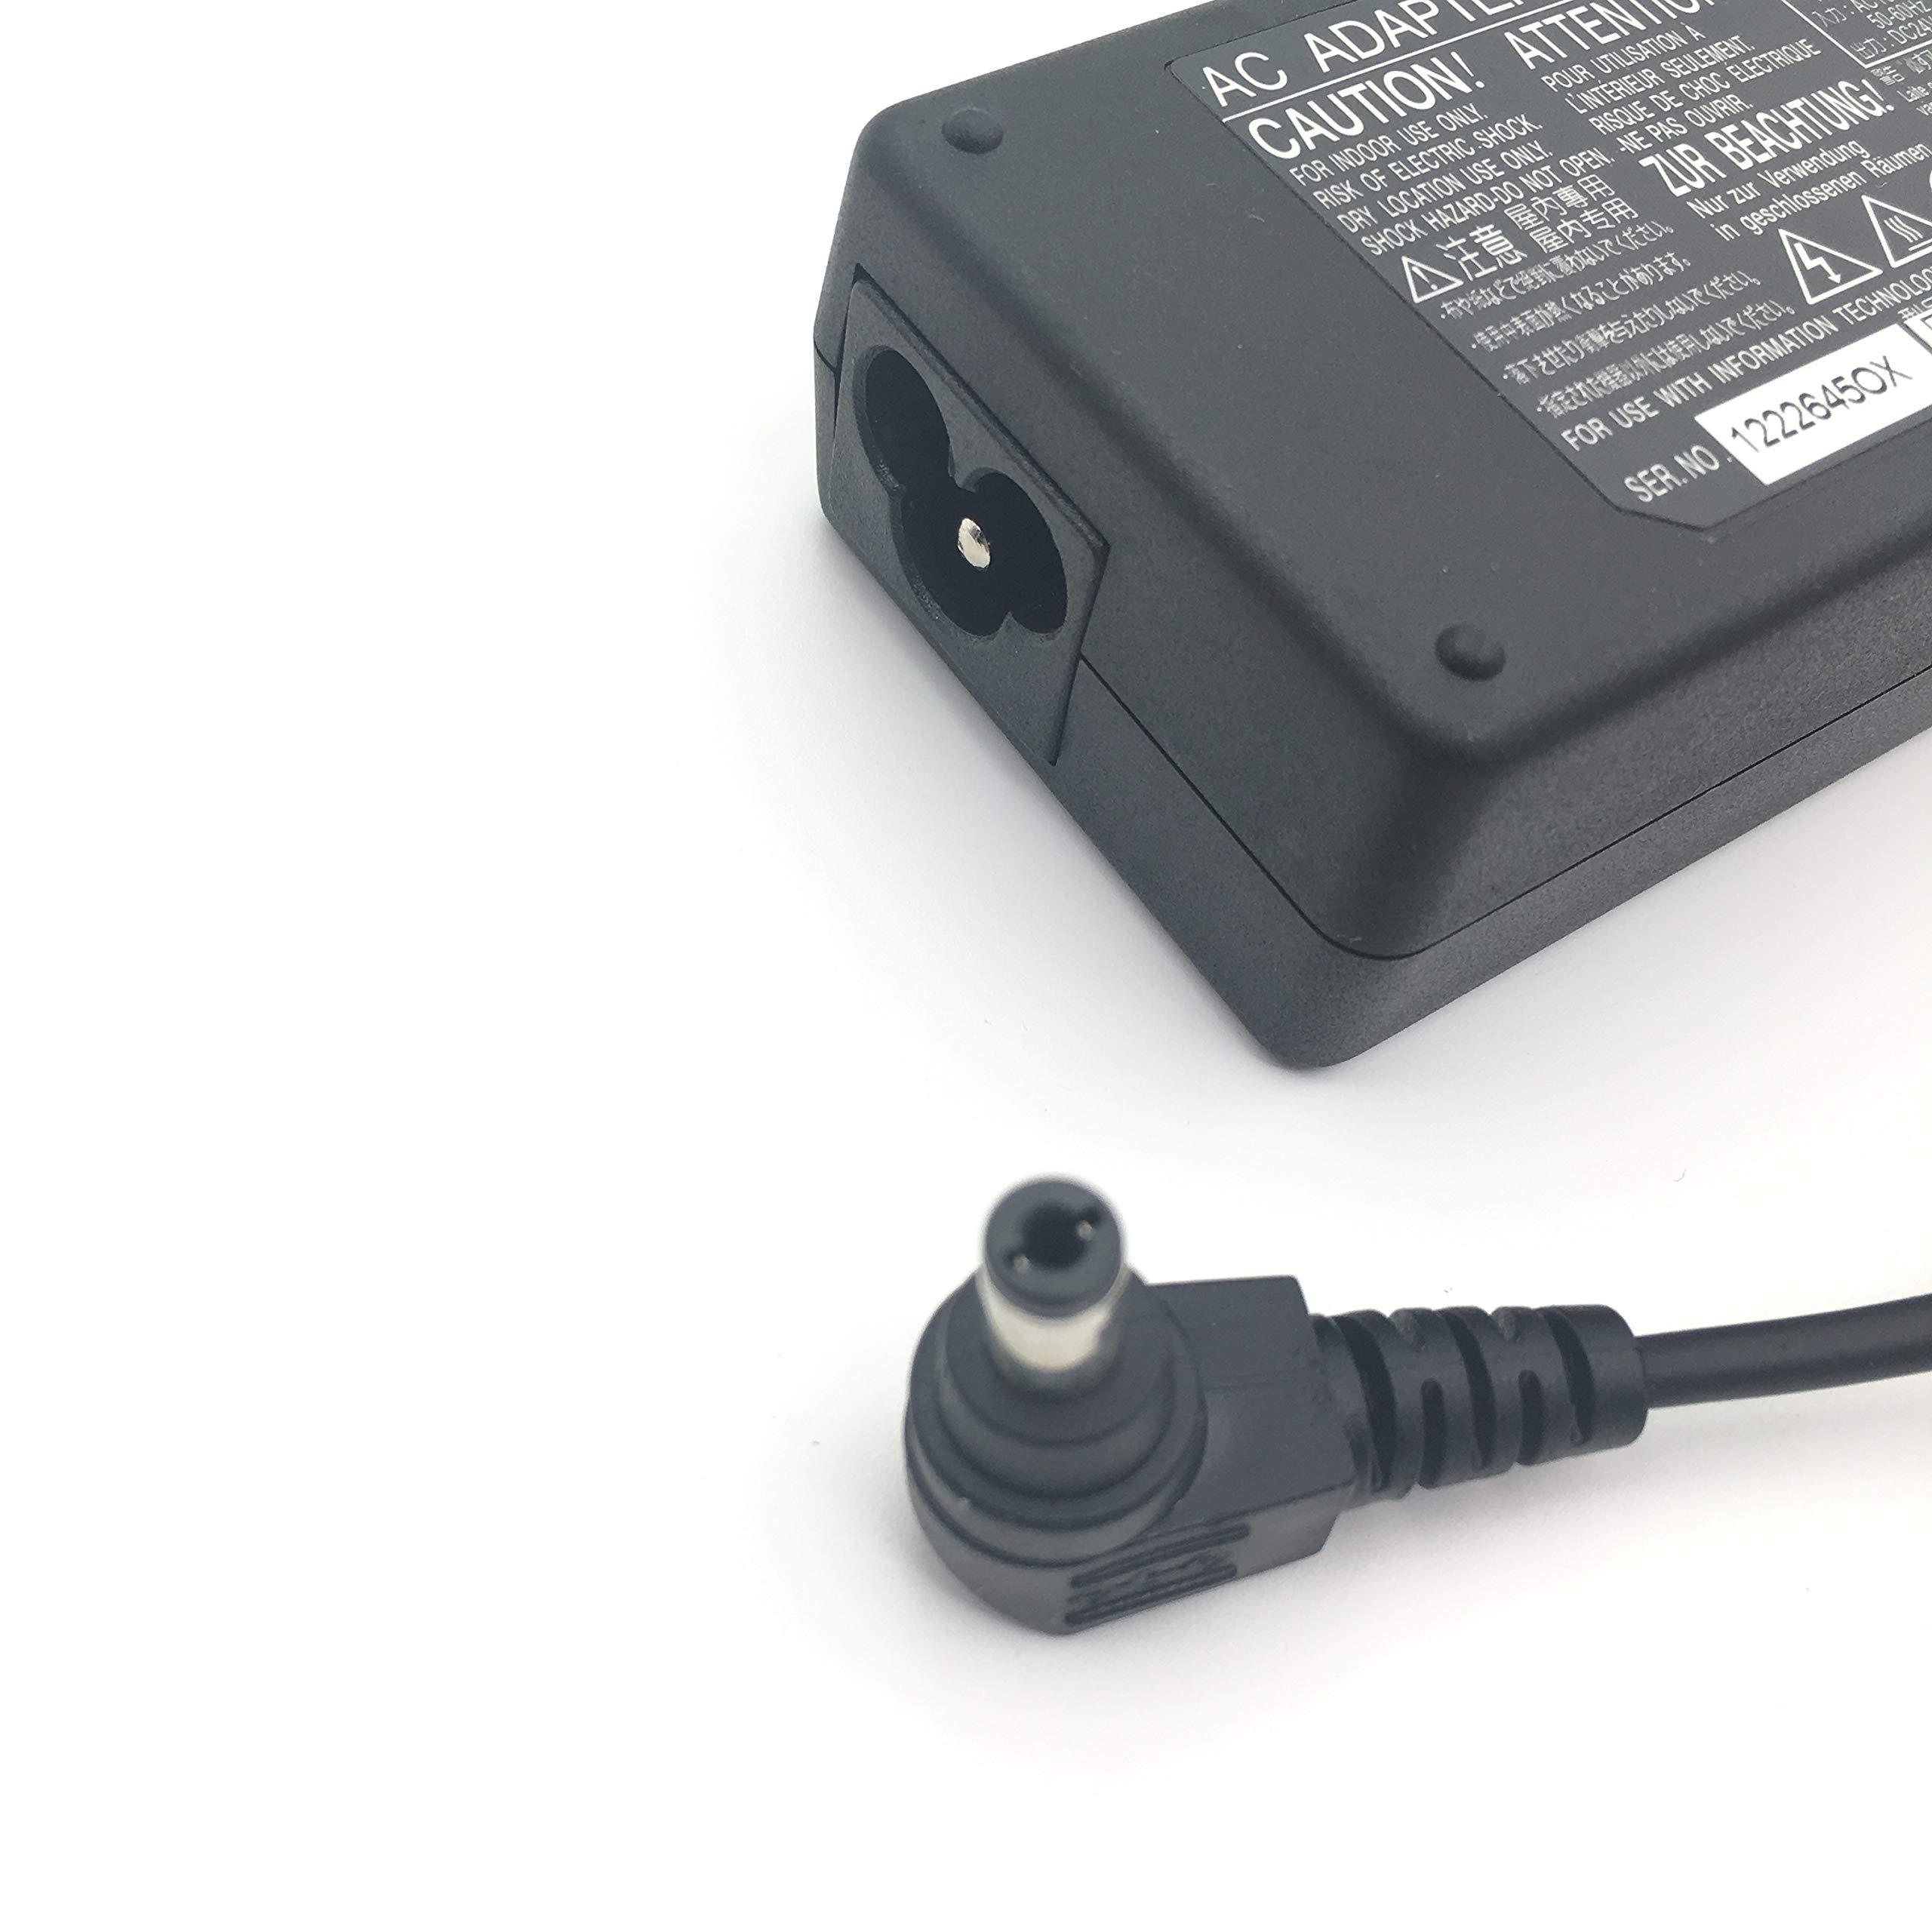 OKLILI PA03670-K905 PA03540-K909 AC Power Adapter Supply for Fujitsu fi-6130 fi-6140 fi-6230 fi-6240 fi-6130Z fi-6230Z fi-6140Z fi-6240Z fi-7160 fi-7260 fi-7180 fi-7280 fi-5120C fi-5220C fi-5530C